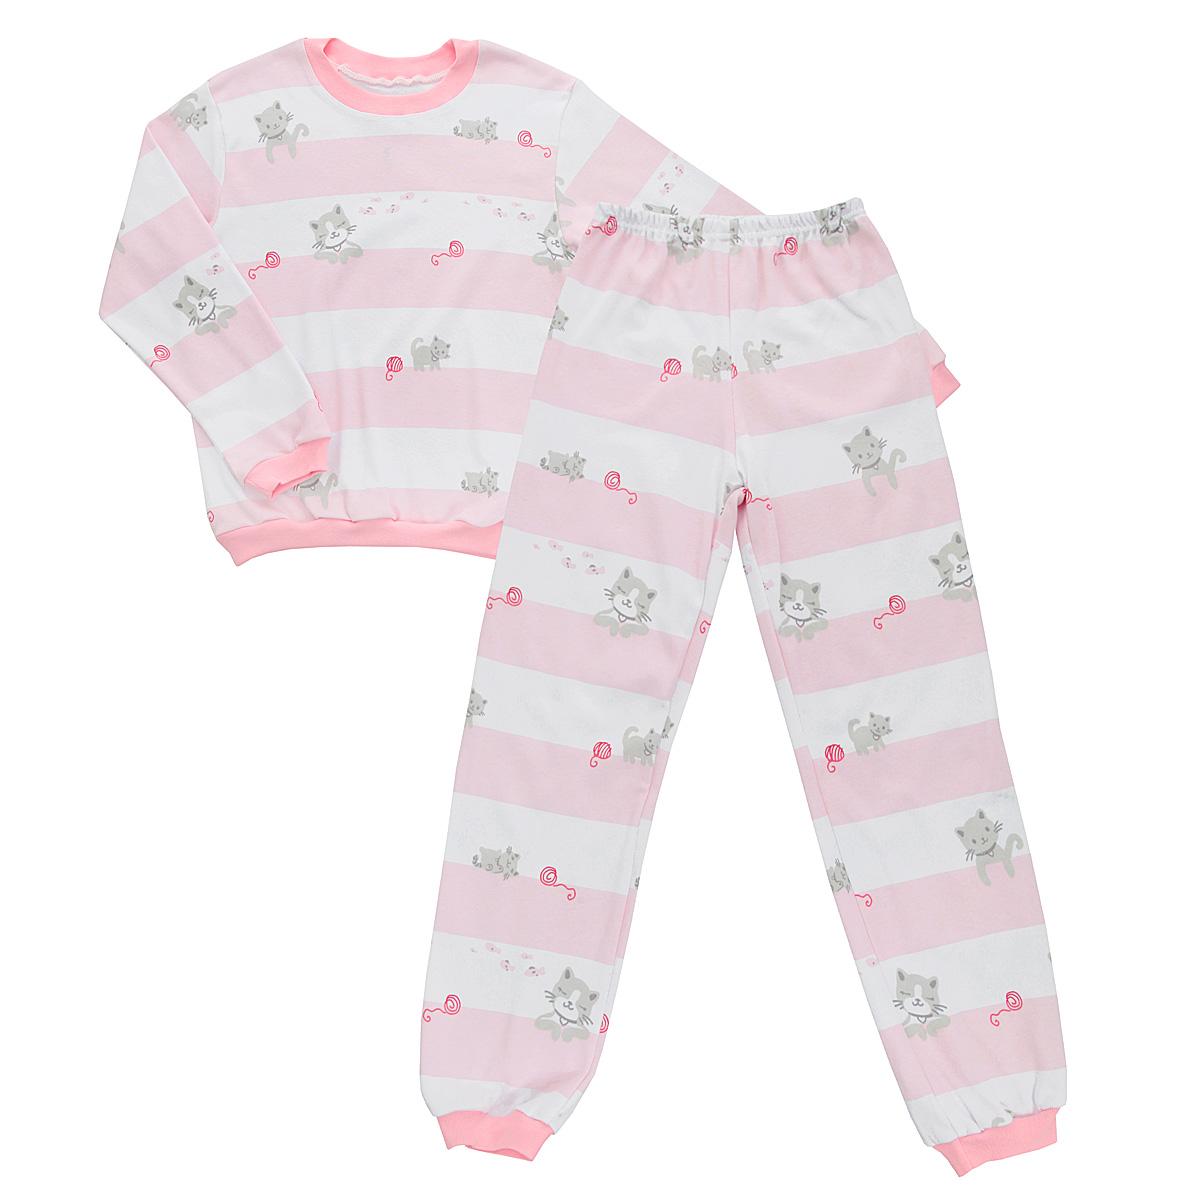 Пижама детская. 5555_котенок, полоска5555_котенок, полоскаУютная детская пижама Трон-плюс, состоящая из джемпера и брюк, идеально подойдет вашему ребенку и станет отличным дополнением к детскому гардеробу. Изготовленная из интерлока, она необычайно мягкая и легкая, не сковывает движения, позволяет коже дышать и не раздражает даже самую нежную и чувствительную кожу ребенка. Трикотажный джемпер с длинными рукавами имеет круглый вырез горловины. Низ изделия, рукава и вырез горловины дополнены эластичной трикотажной резинкой контрастного цвета. Брюки на талии имеют эластичную резинку, благодаря чему не сдавливают живот ребенка и не сползают. Низ брючин дополнен широкими эластичными манжетами контрастного цвета. Оформлено изделие оригинальным принтом в широкую полоску и изображениями милого котенка. В такой пижаме ваш ребенок будет чувствовать себя комфортно и уютно во время сна.